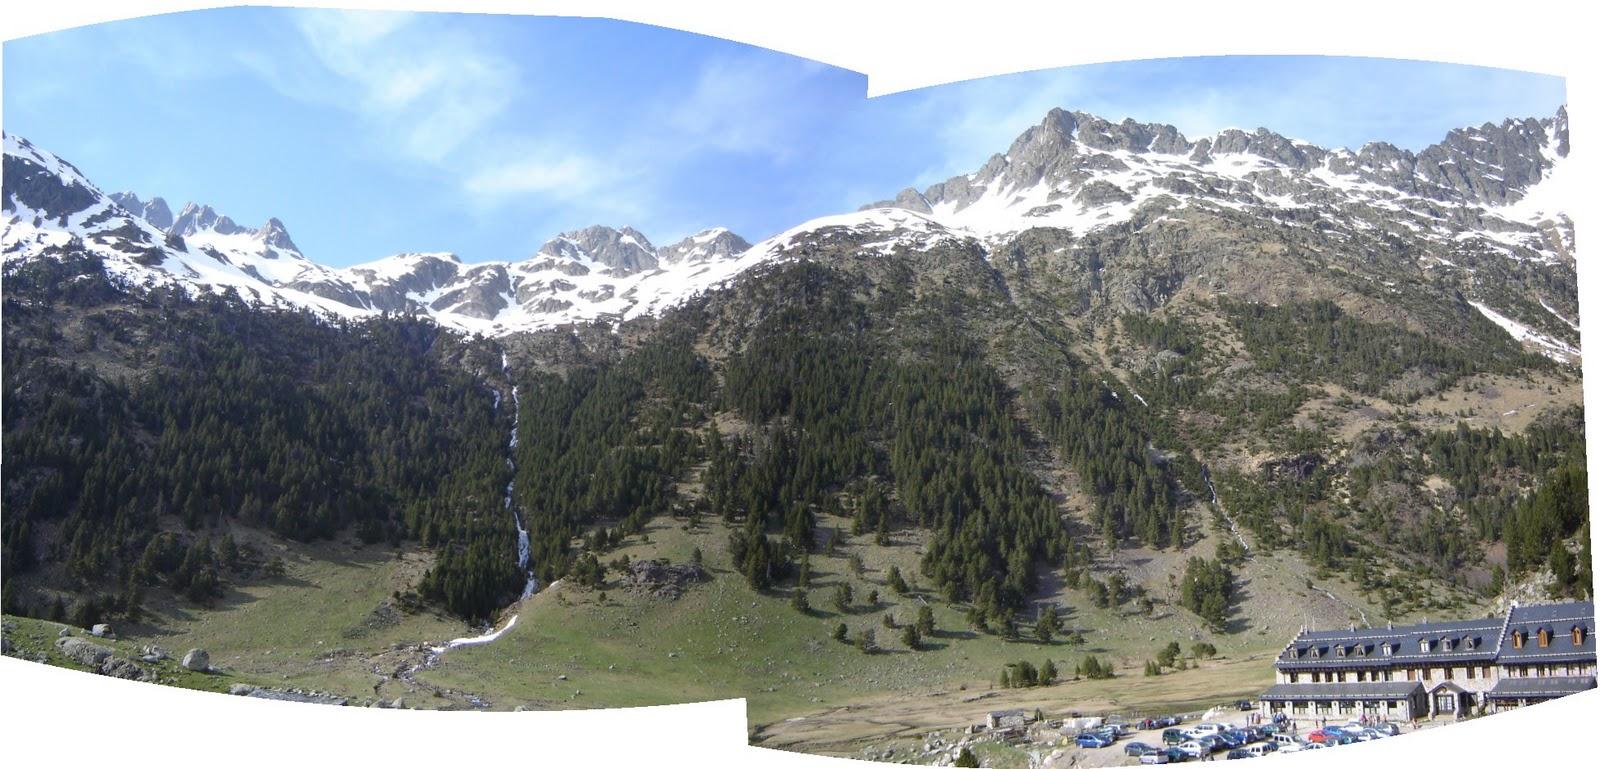 Turismo en graus la ribagorza el valle del sera - Spa llanos del hospital ...